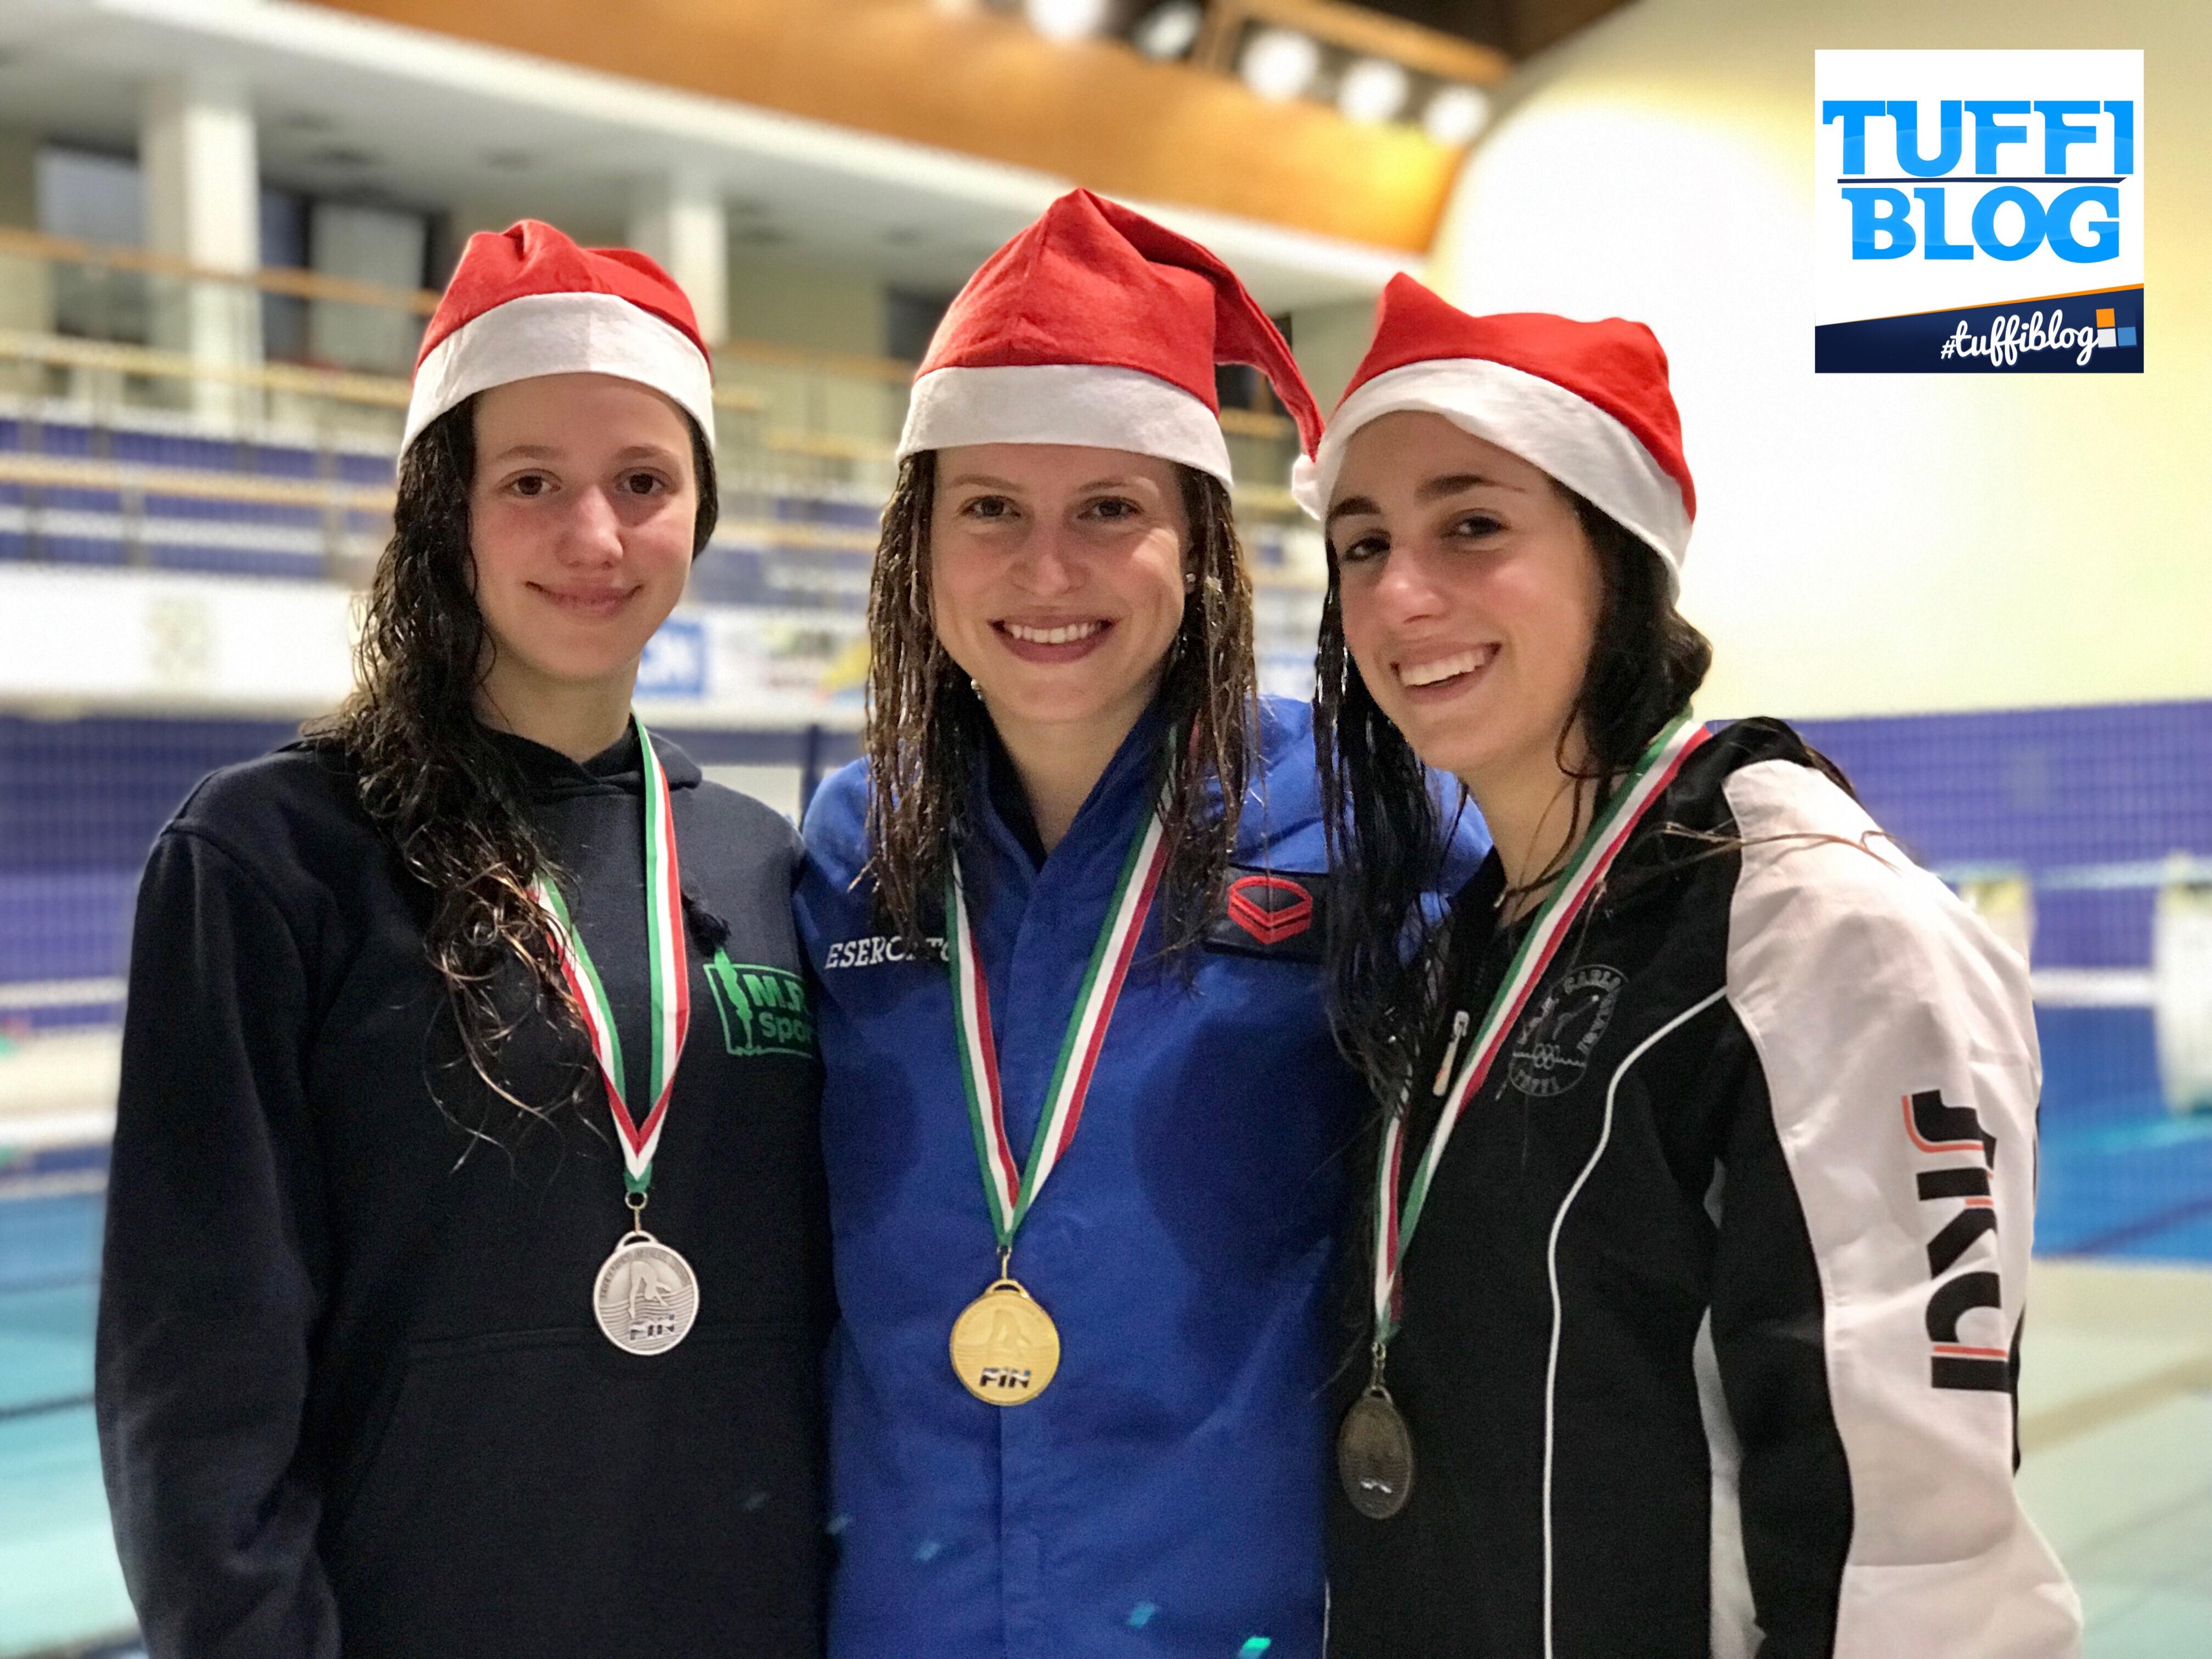 Trofeo di Natale: Bolzano - la conclusione!